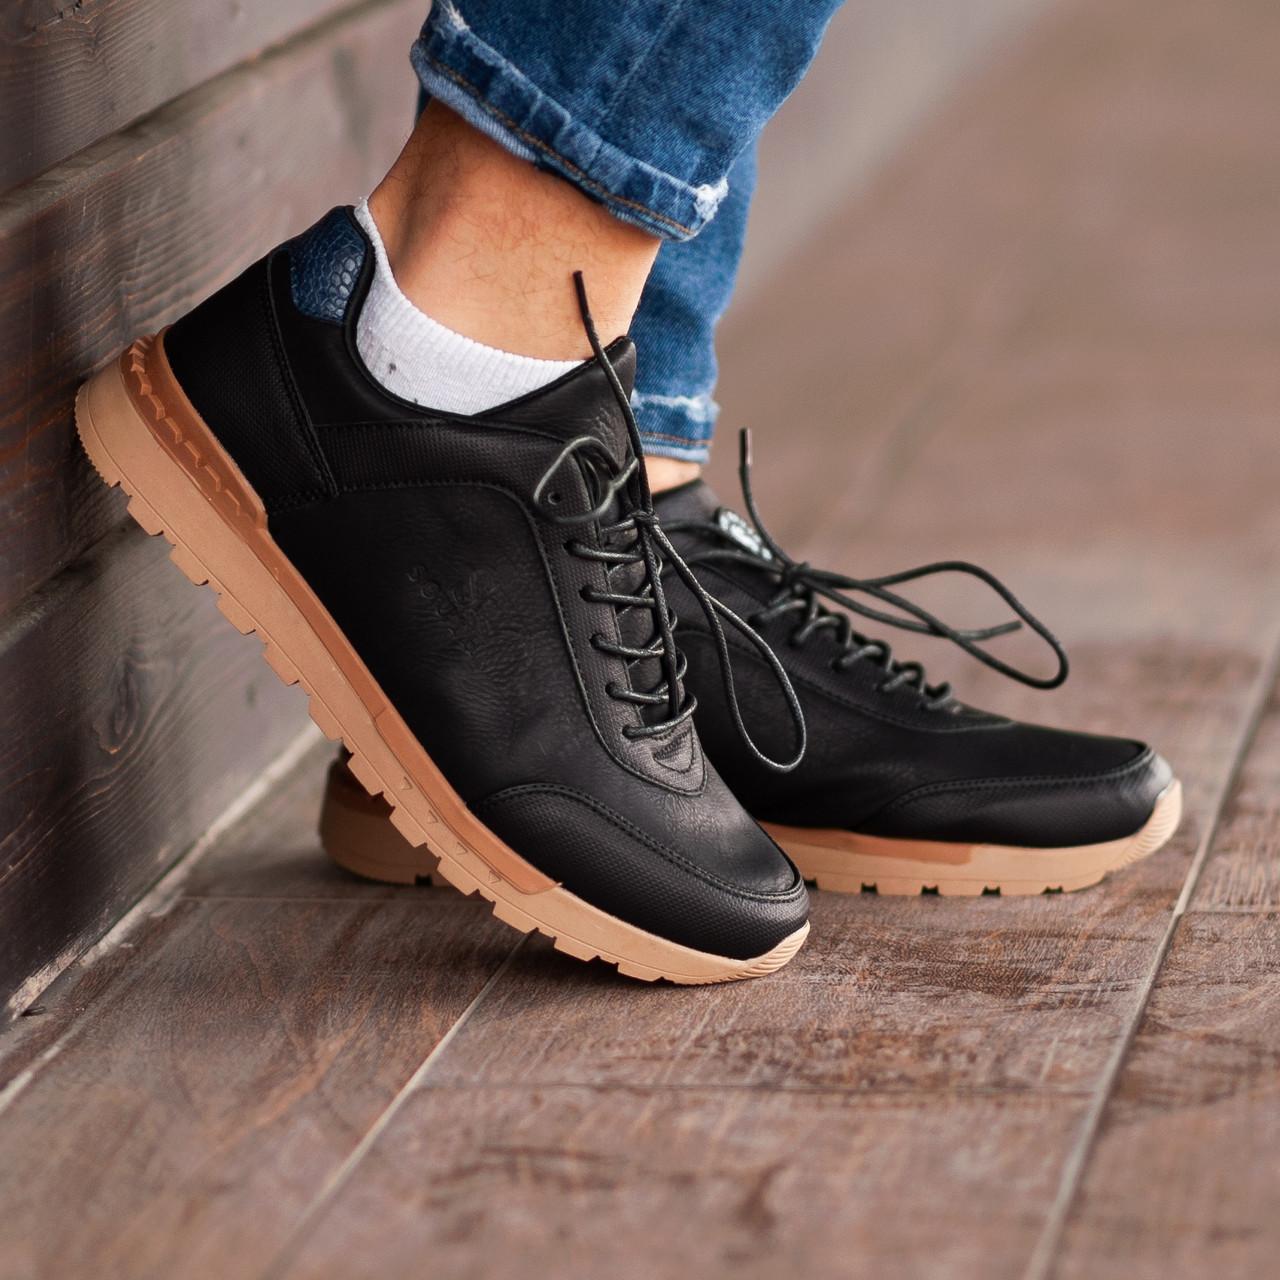 722d1ee78f7d Купить Мужские кроссовки South Apache black. Натуральная кожа 1 149 ...